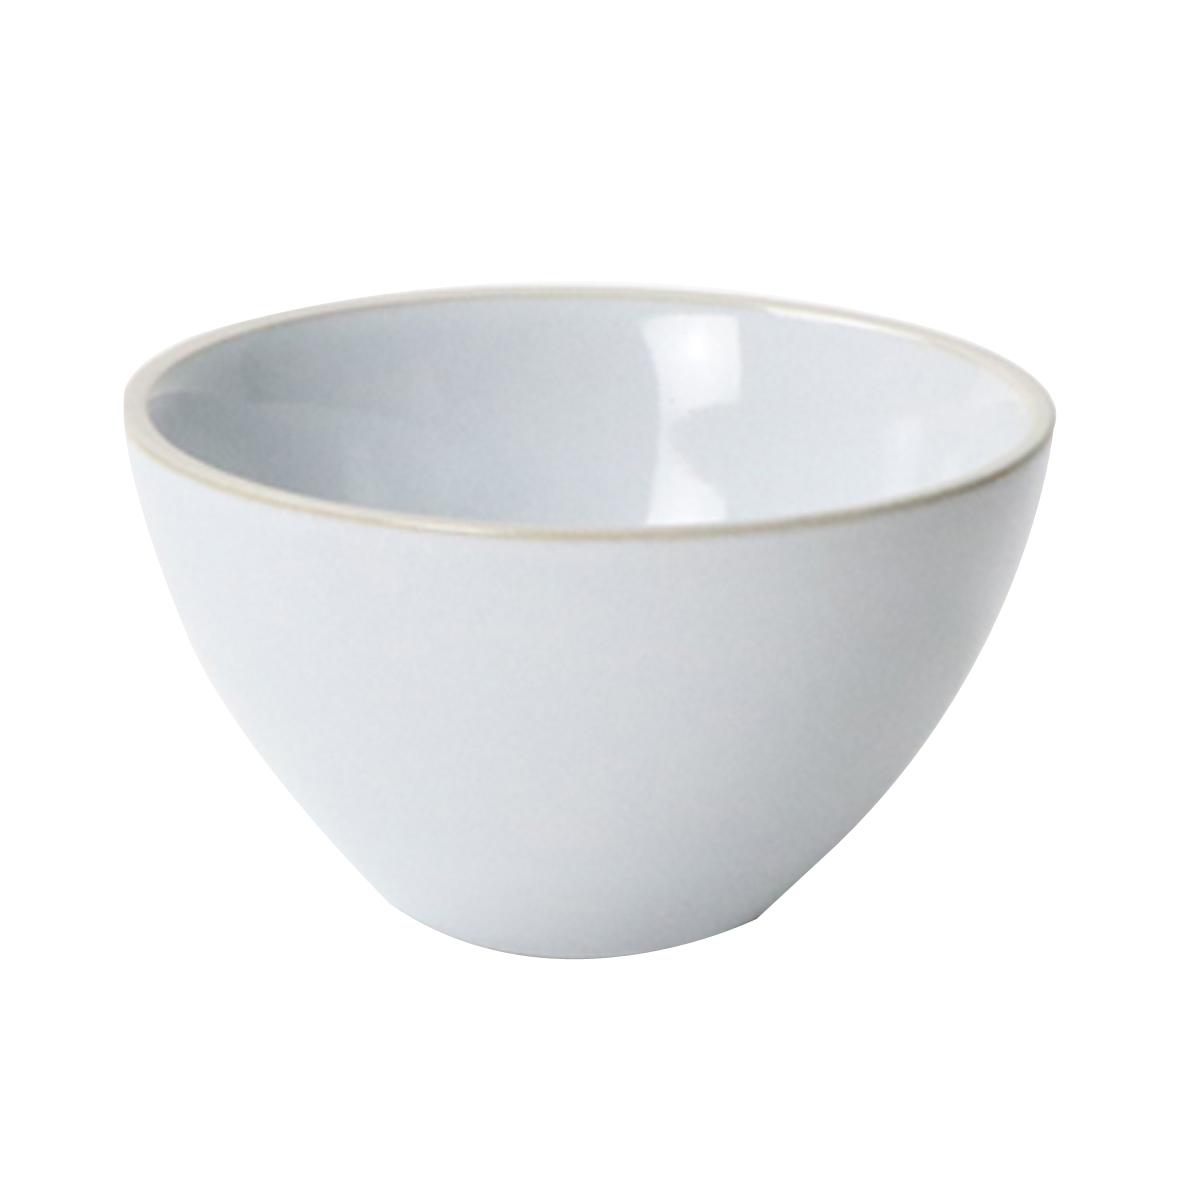 ボウル・鉢